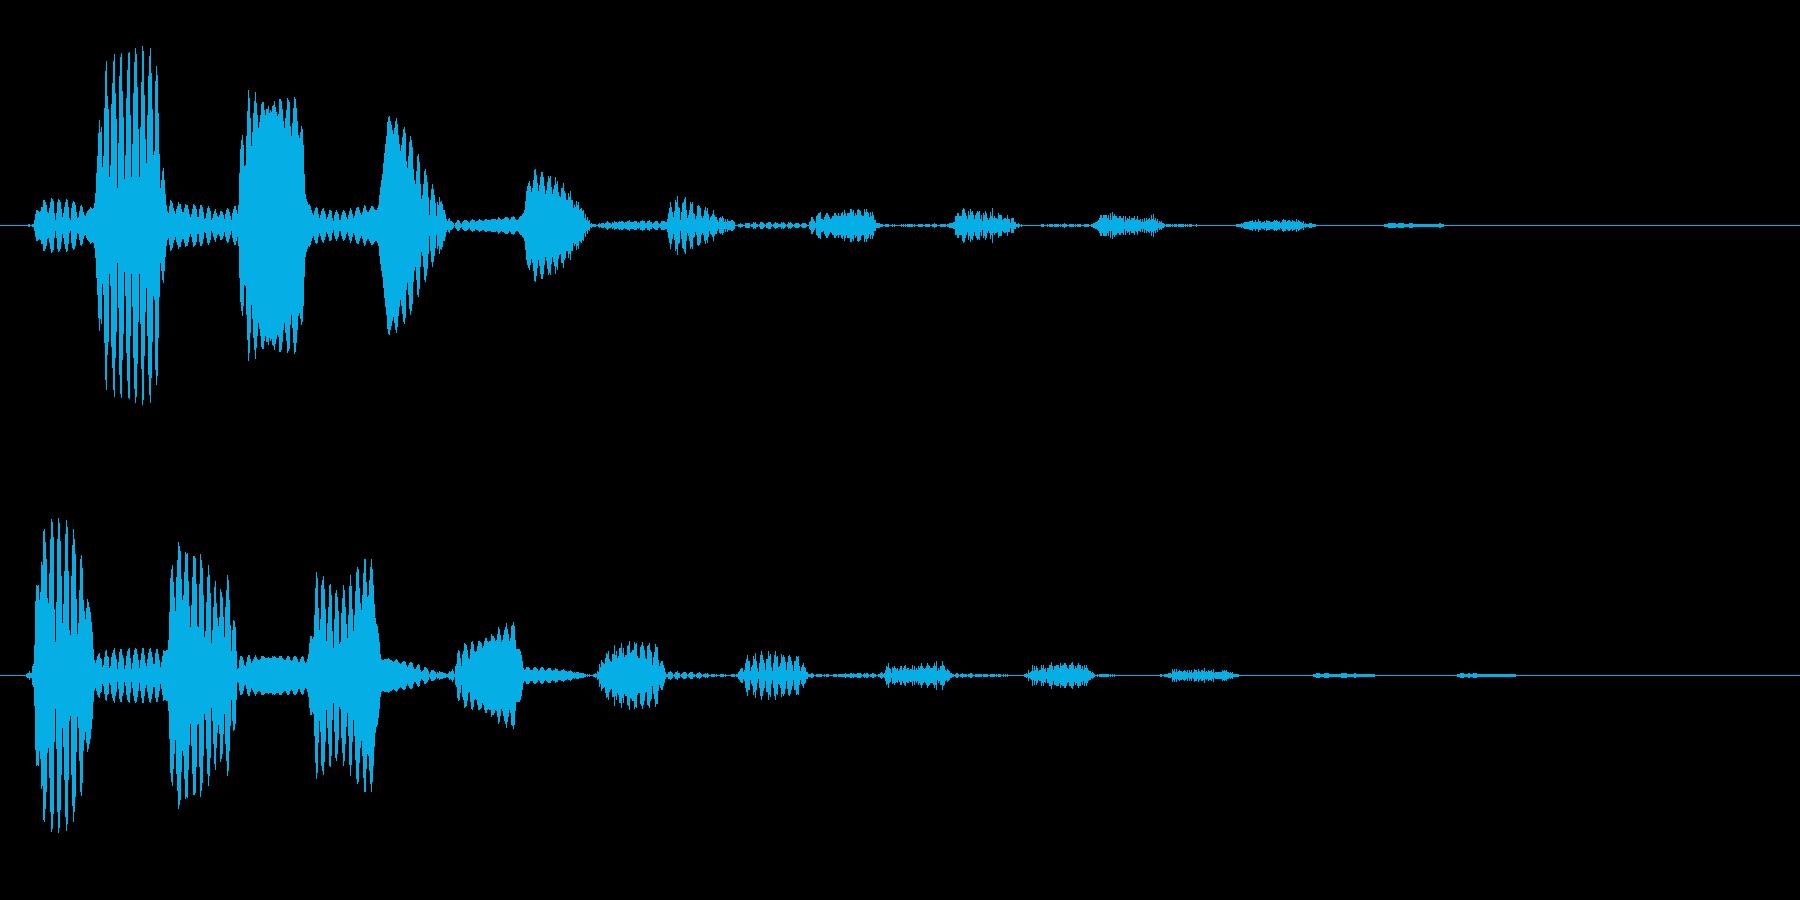 クリック音(シンプル)の再生済みの波形